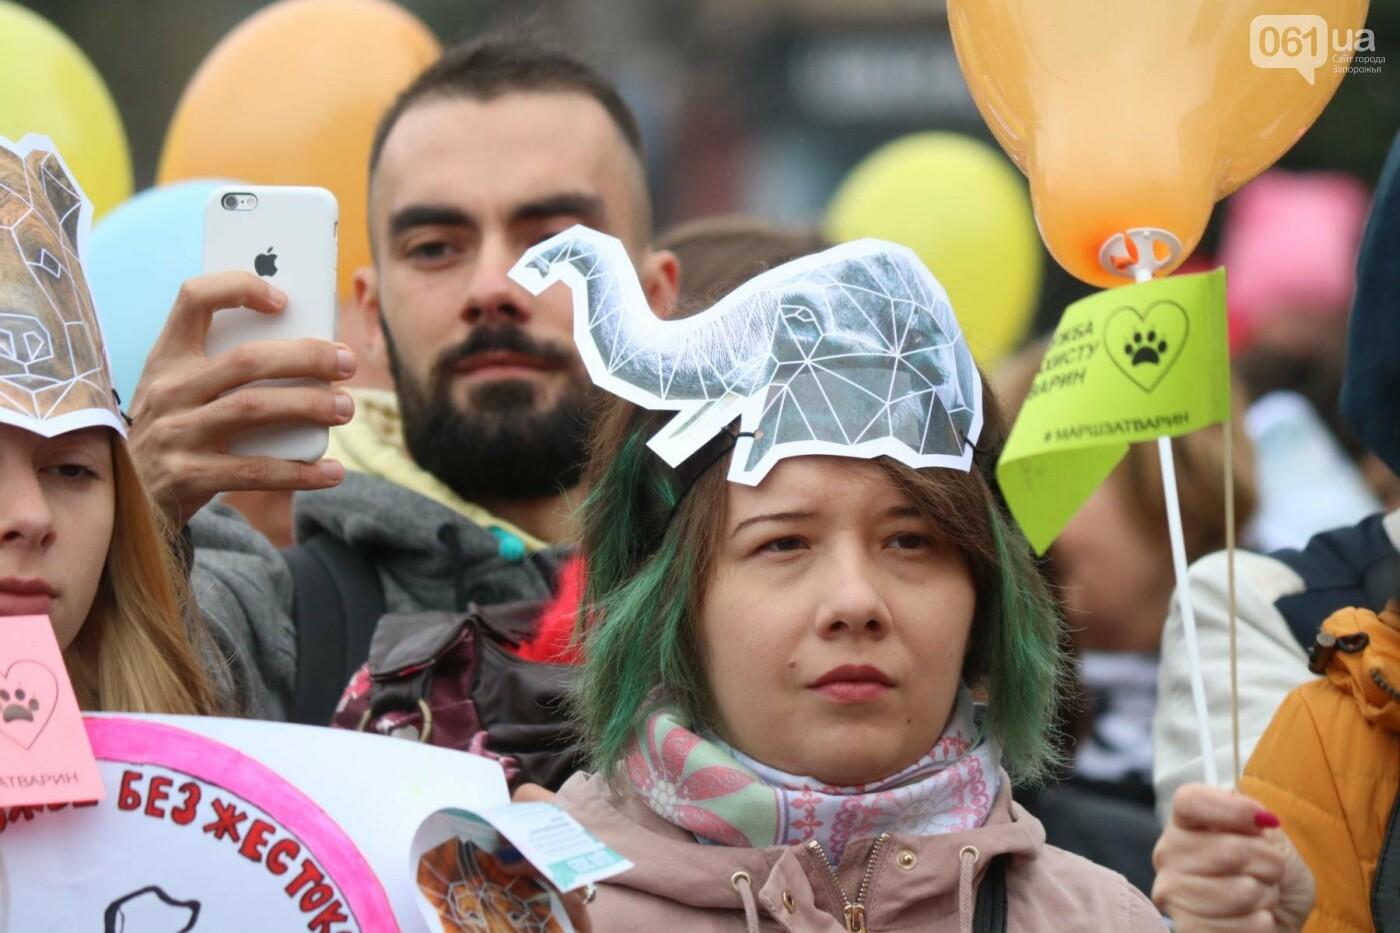 В Запорожье прошел марш за права животных, - ФОТОРЕПОРТАЖ, фото-16